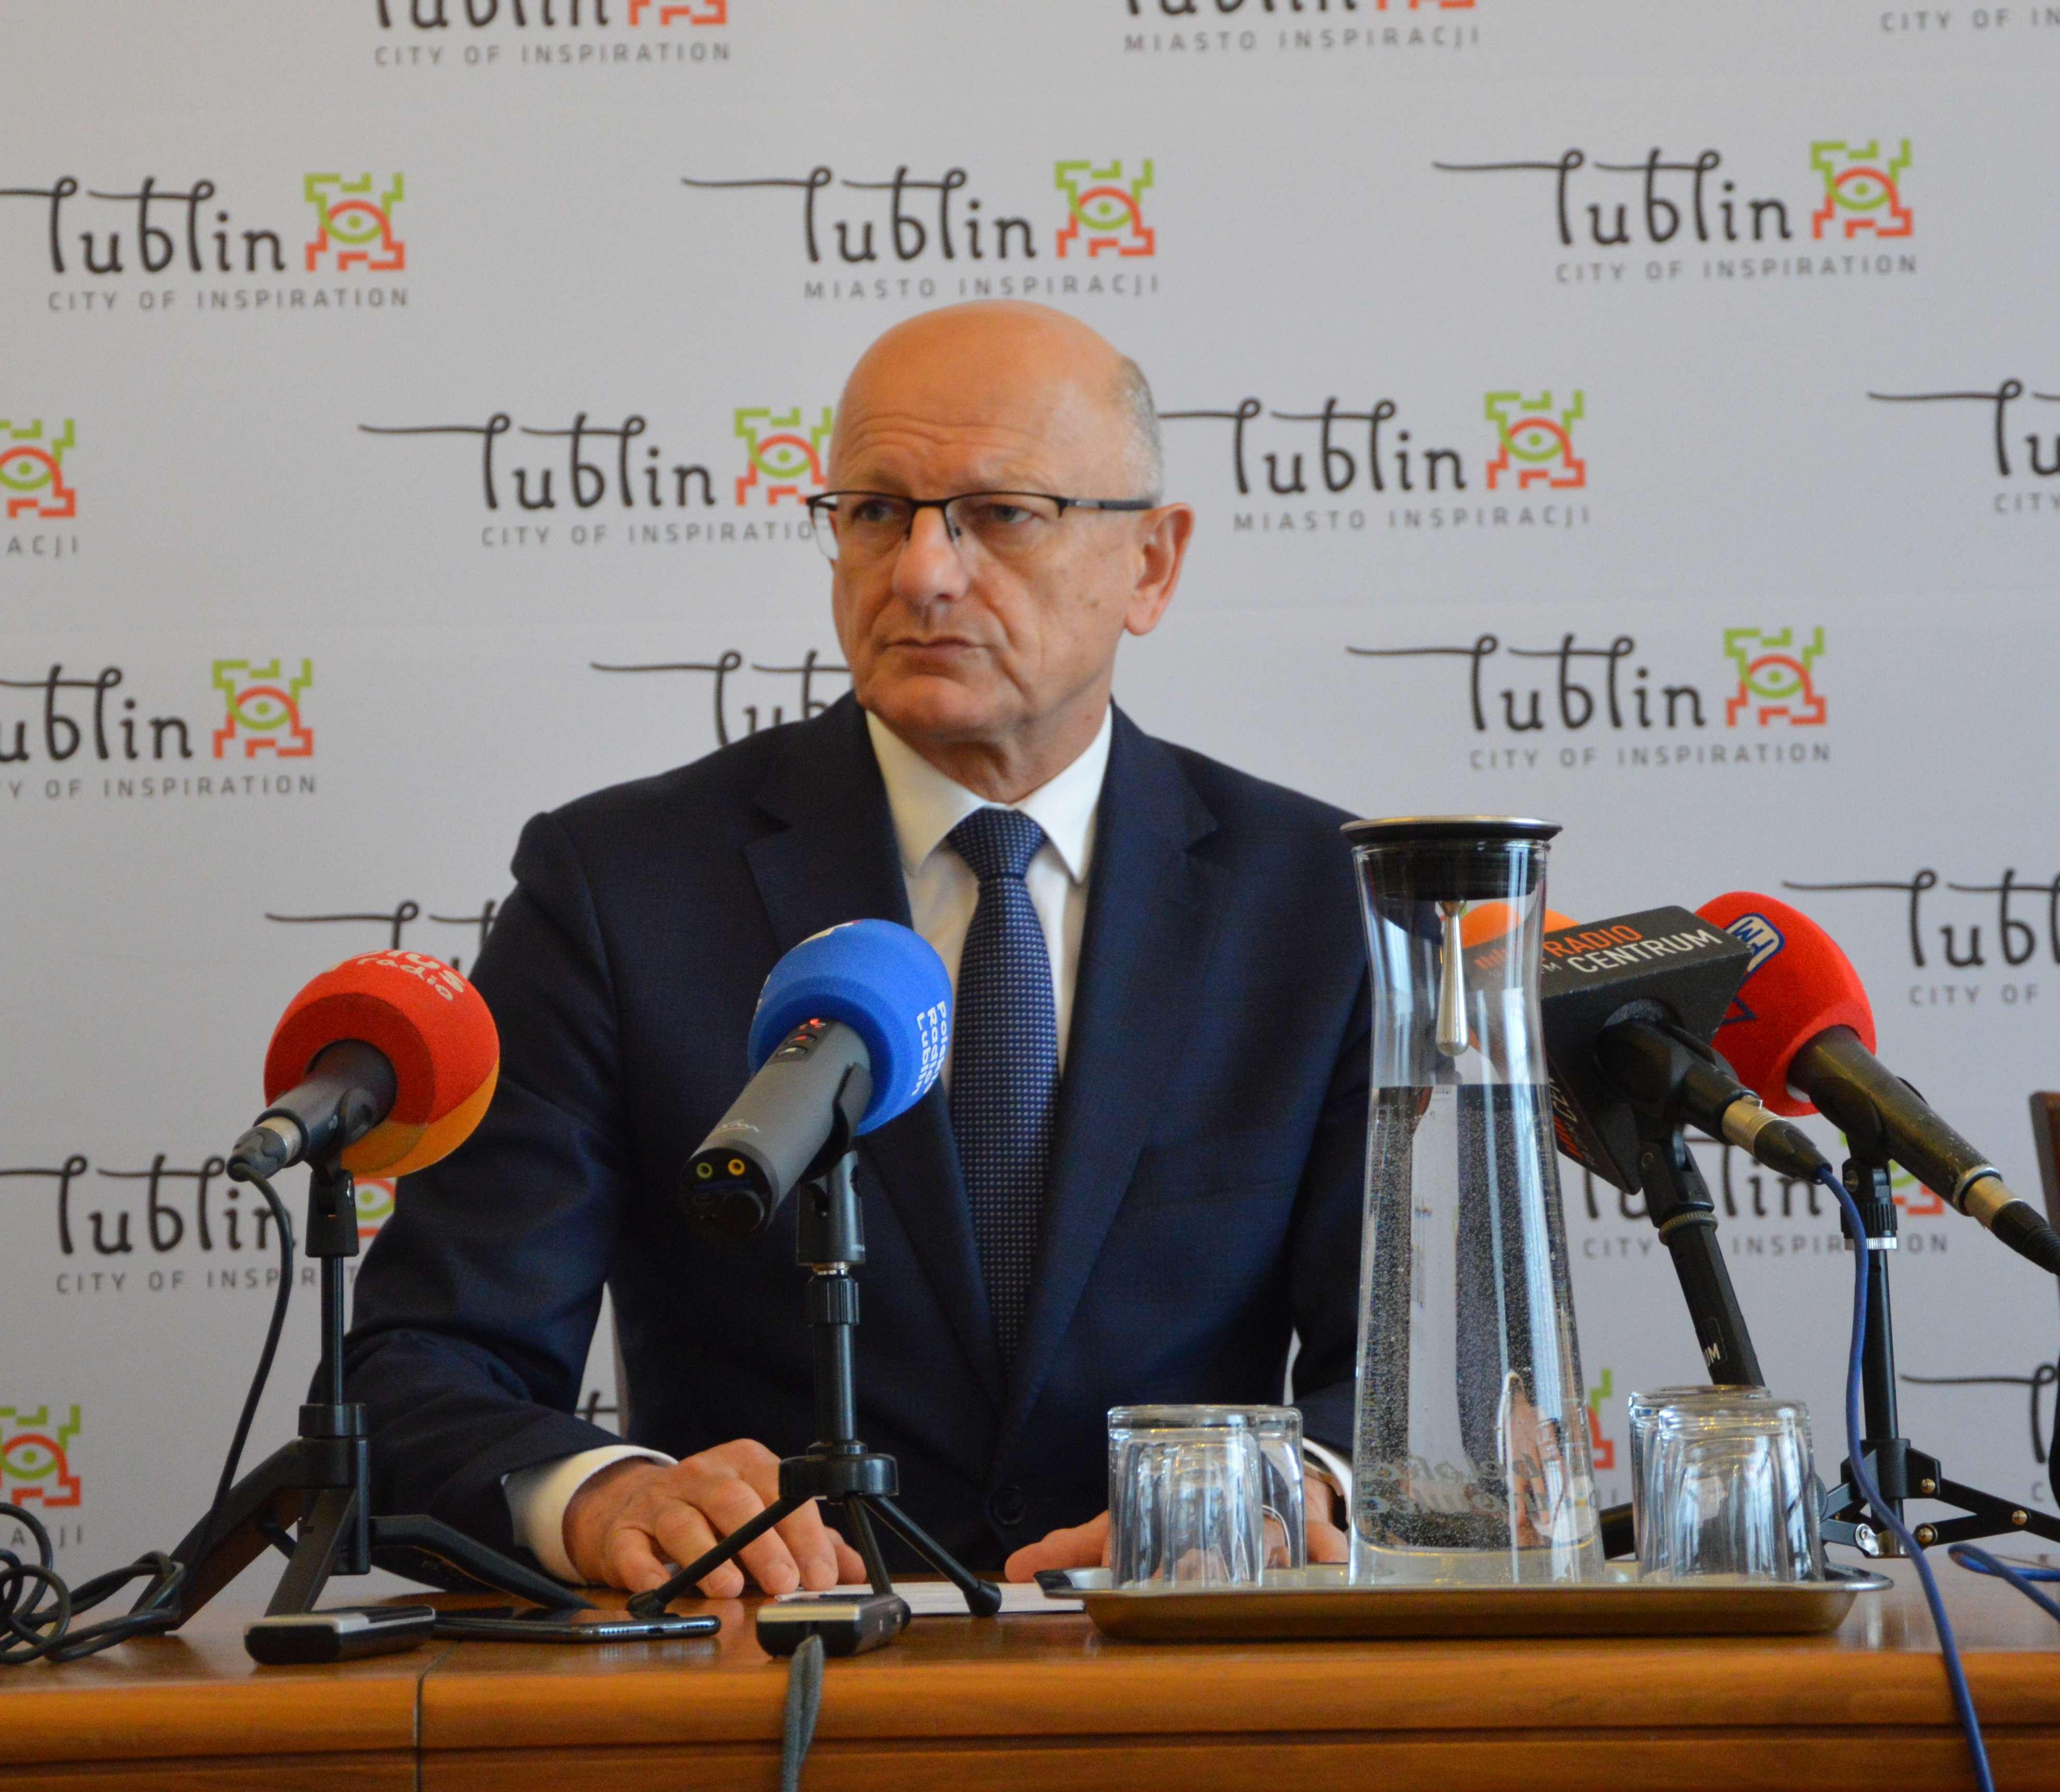 Próba wyłudzenia na fałszywym profilu Facebook prezydenta Lublina - Zdjęcie główne